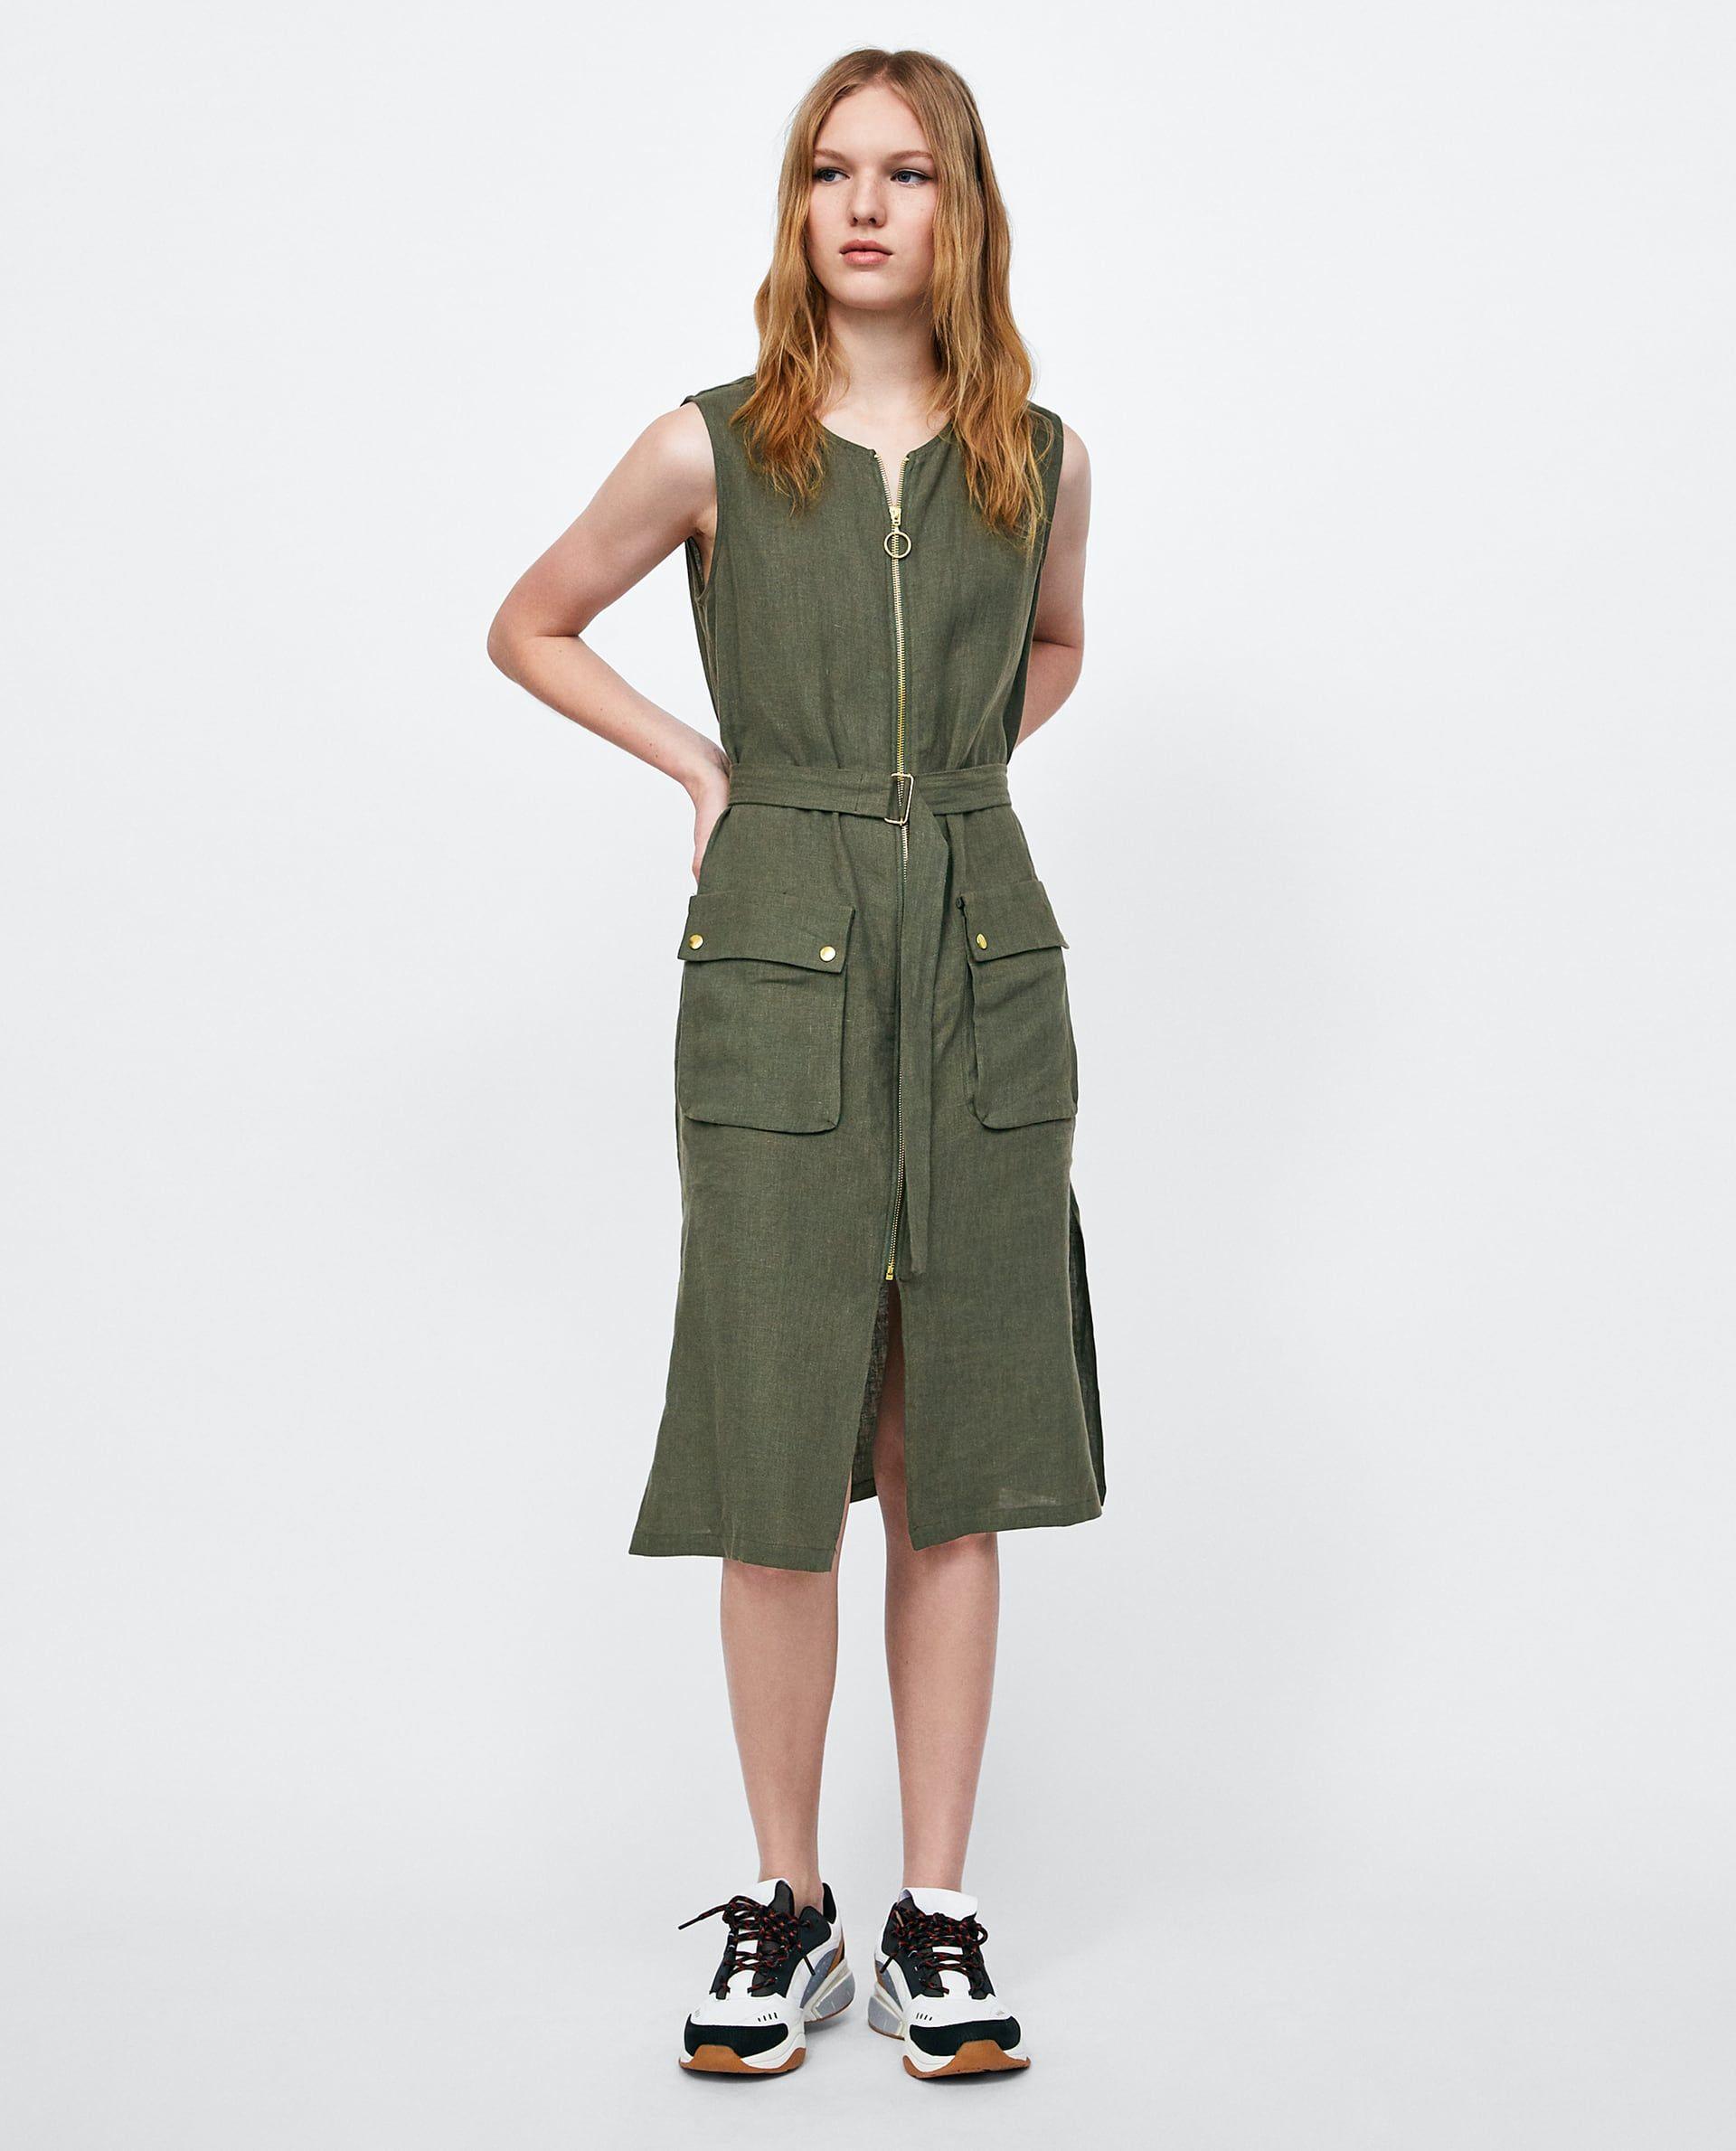 cc2879c5 VESTIDO LINO CREMALLERA | Over 50 Fashion - Summer Style | Linen ...